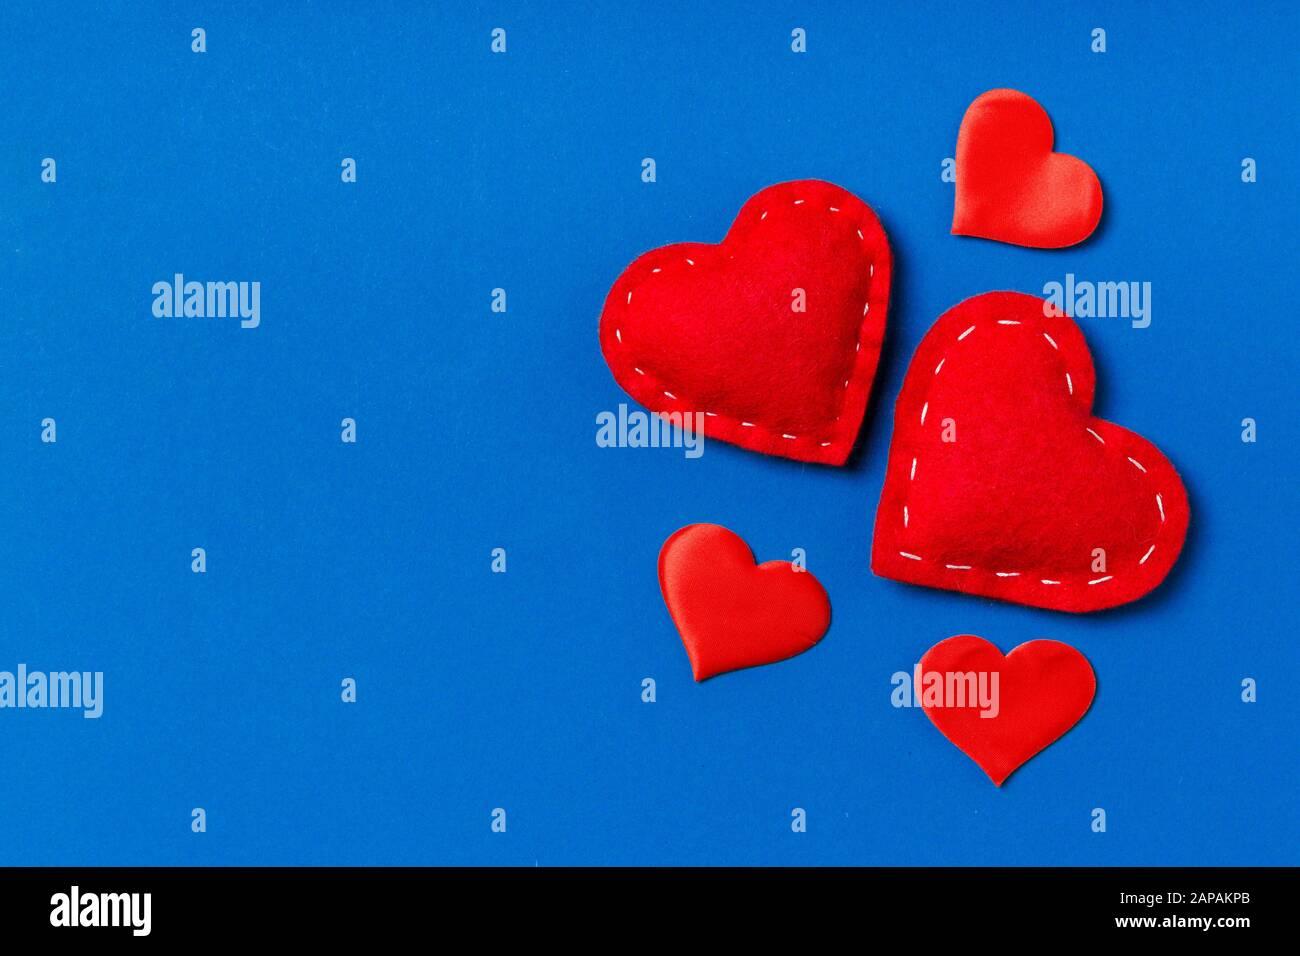 Vista dall'alto composizione dei cuori rossi su sfondo colorato. Concetto di relazione romantica. Il giorno di Valentaine. Foto Stock